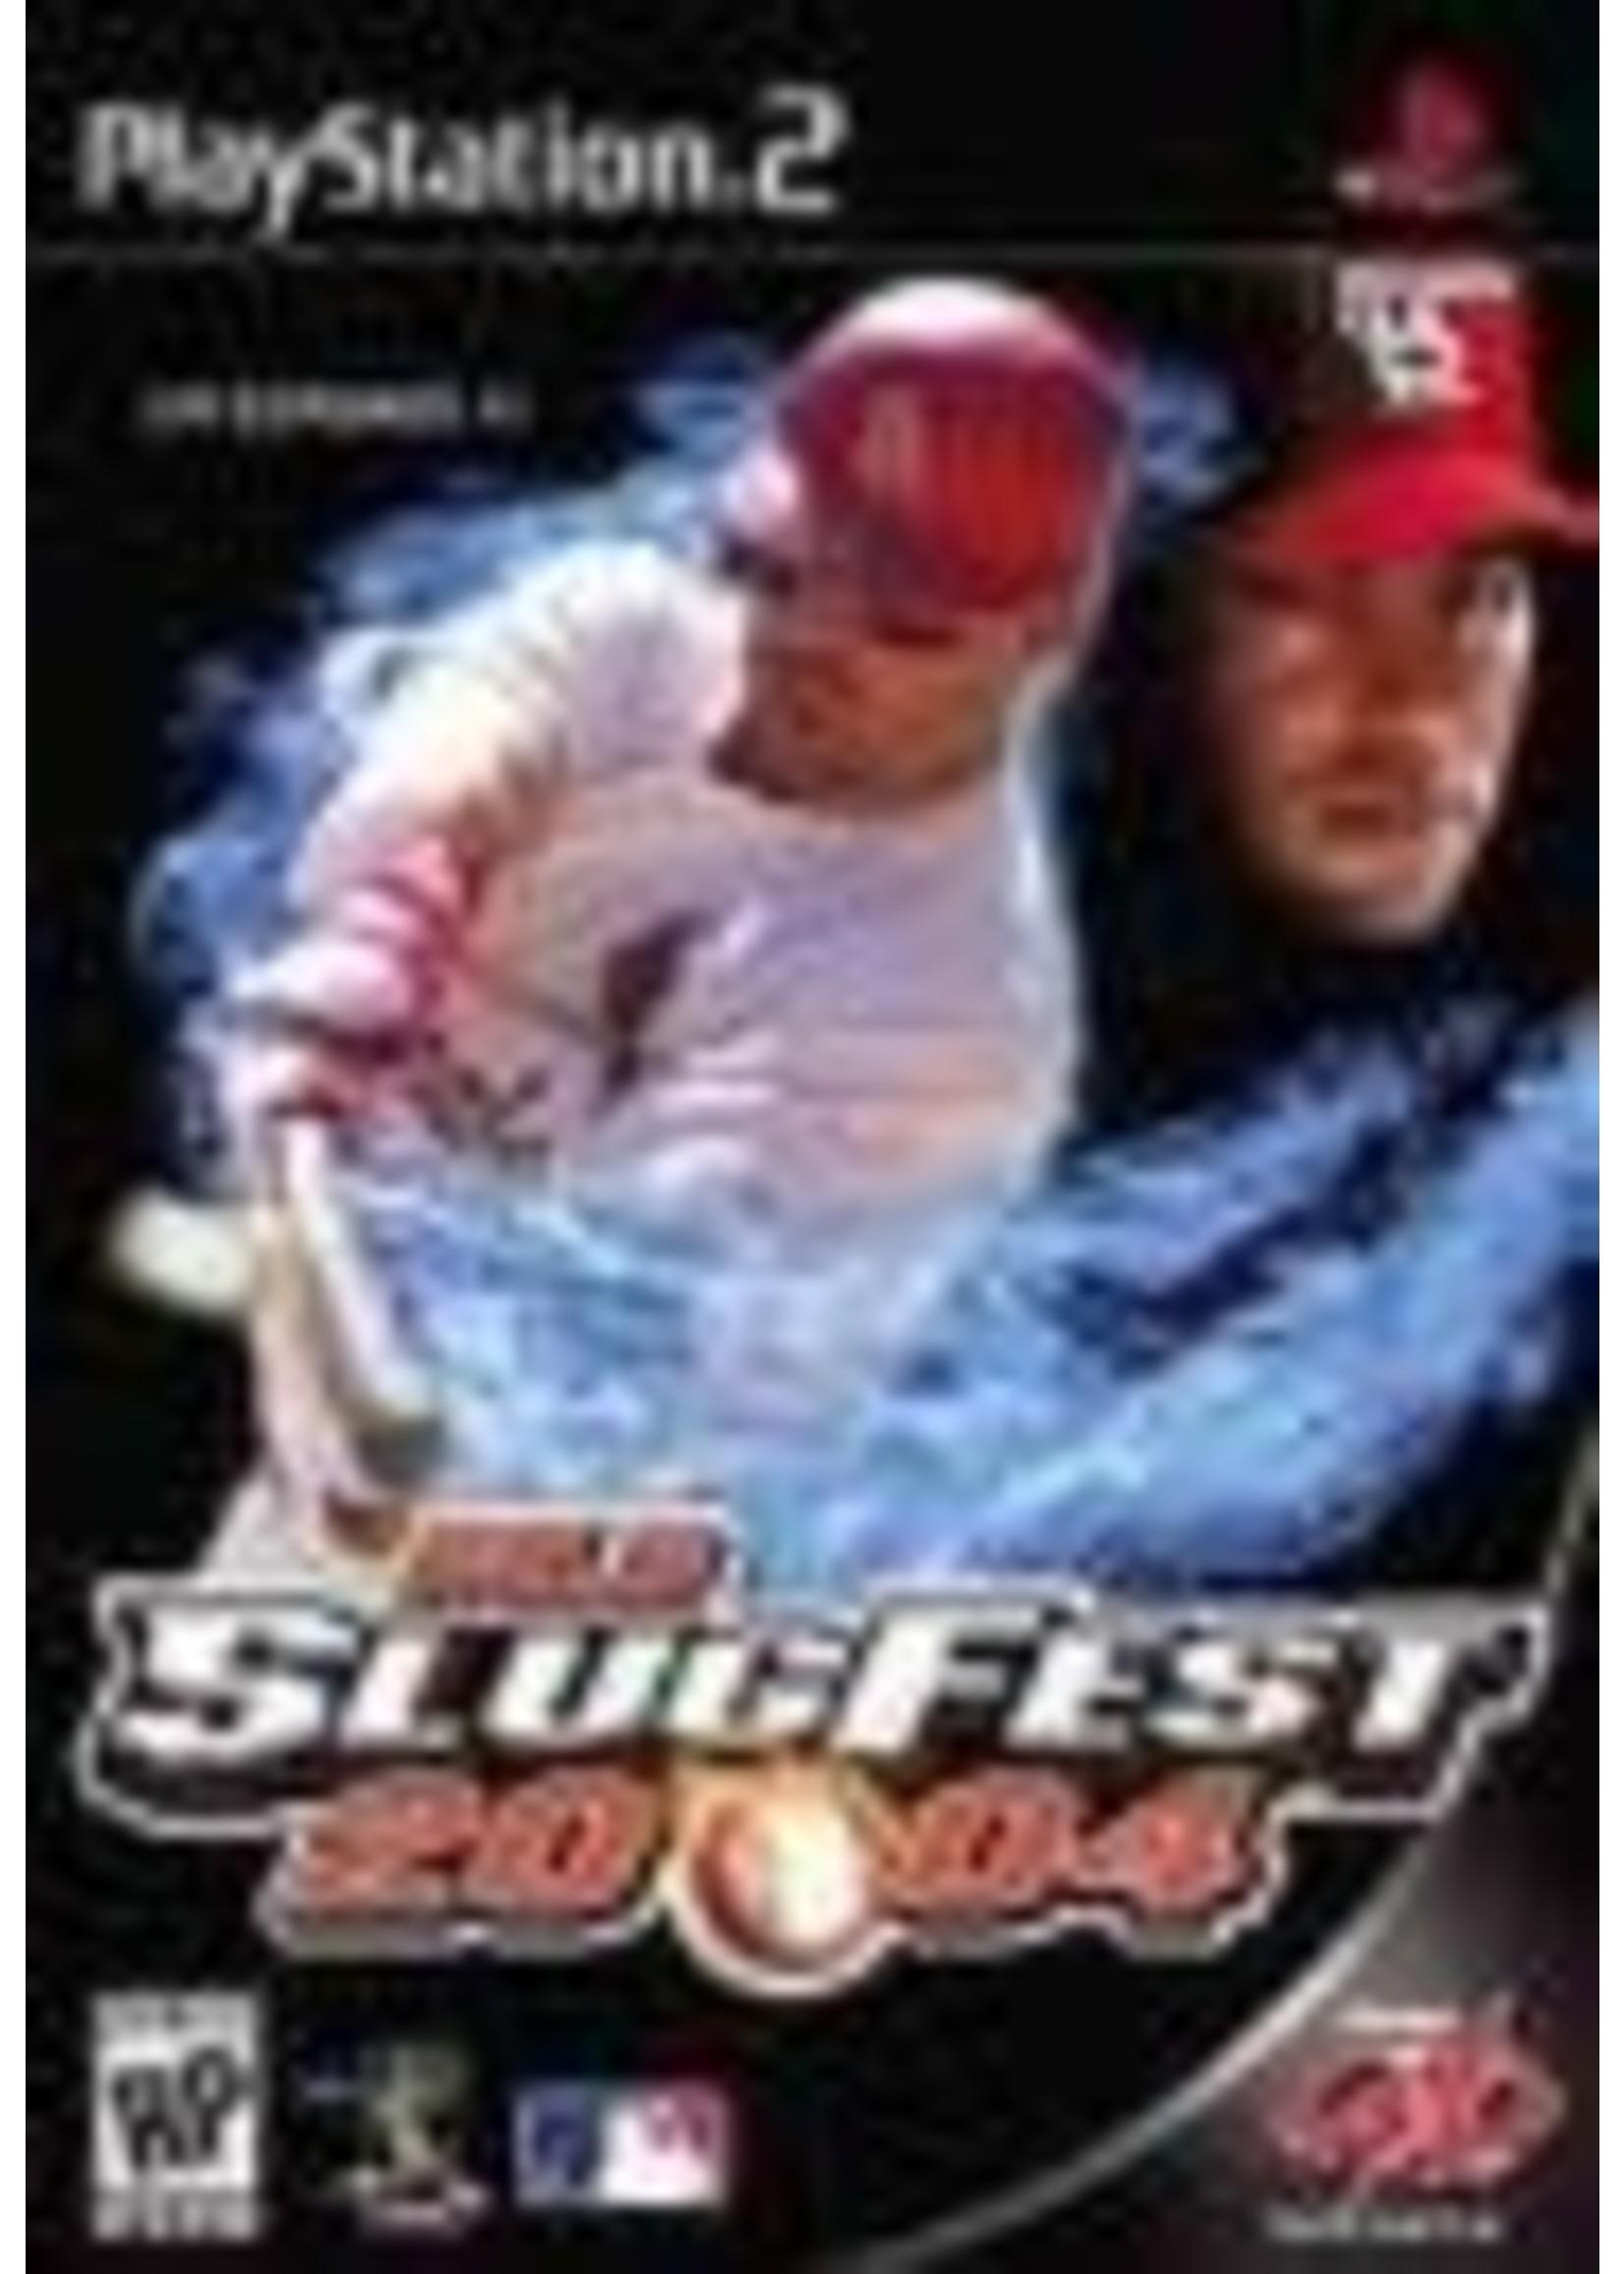 MLB Slugfest 2004 Playstation 2